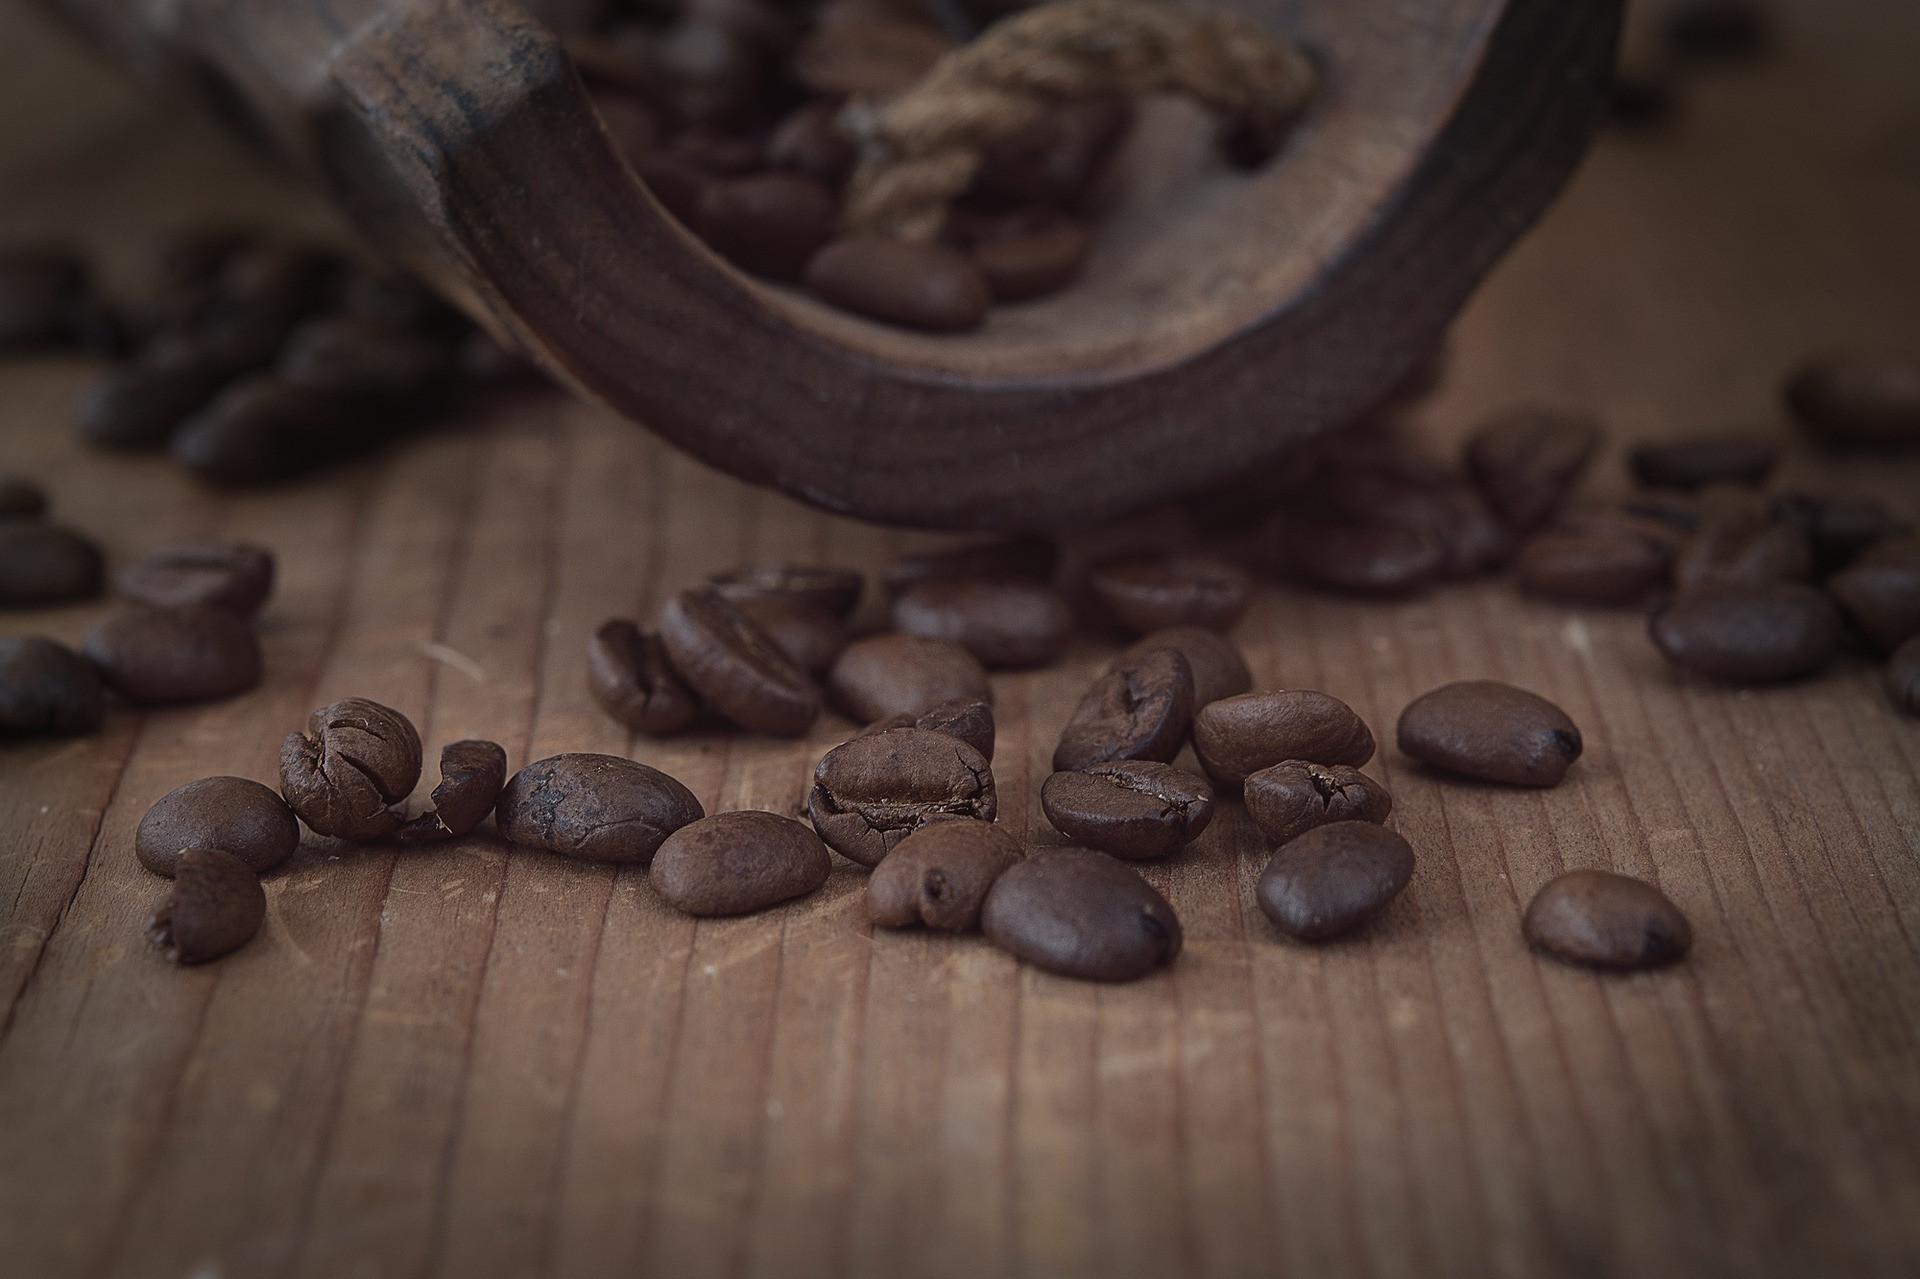 Jednoduchý výběr náhradního dílu podle modelu kávovaru